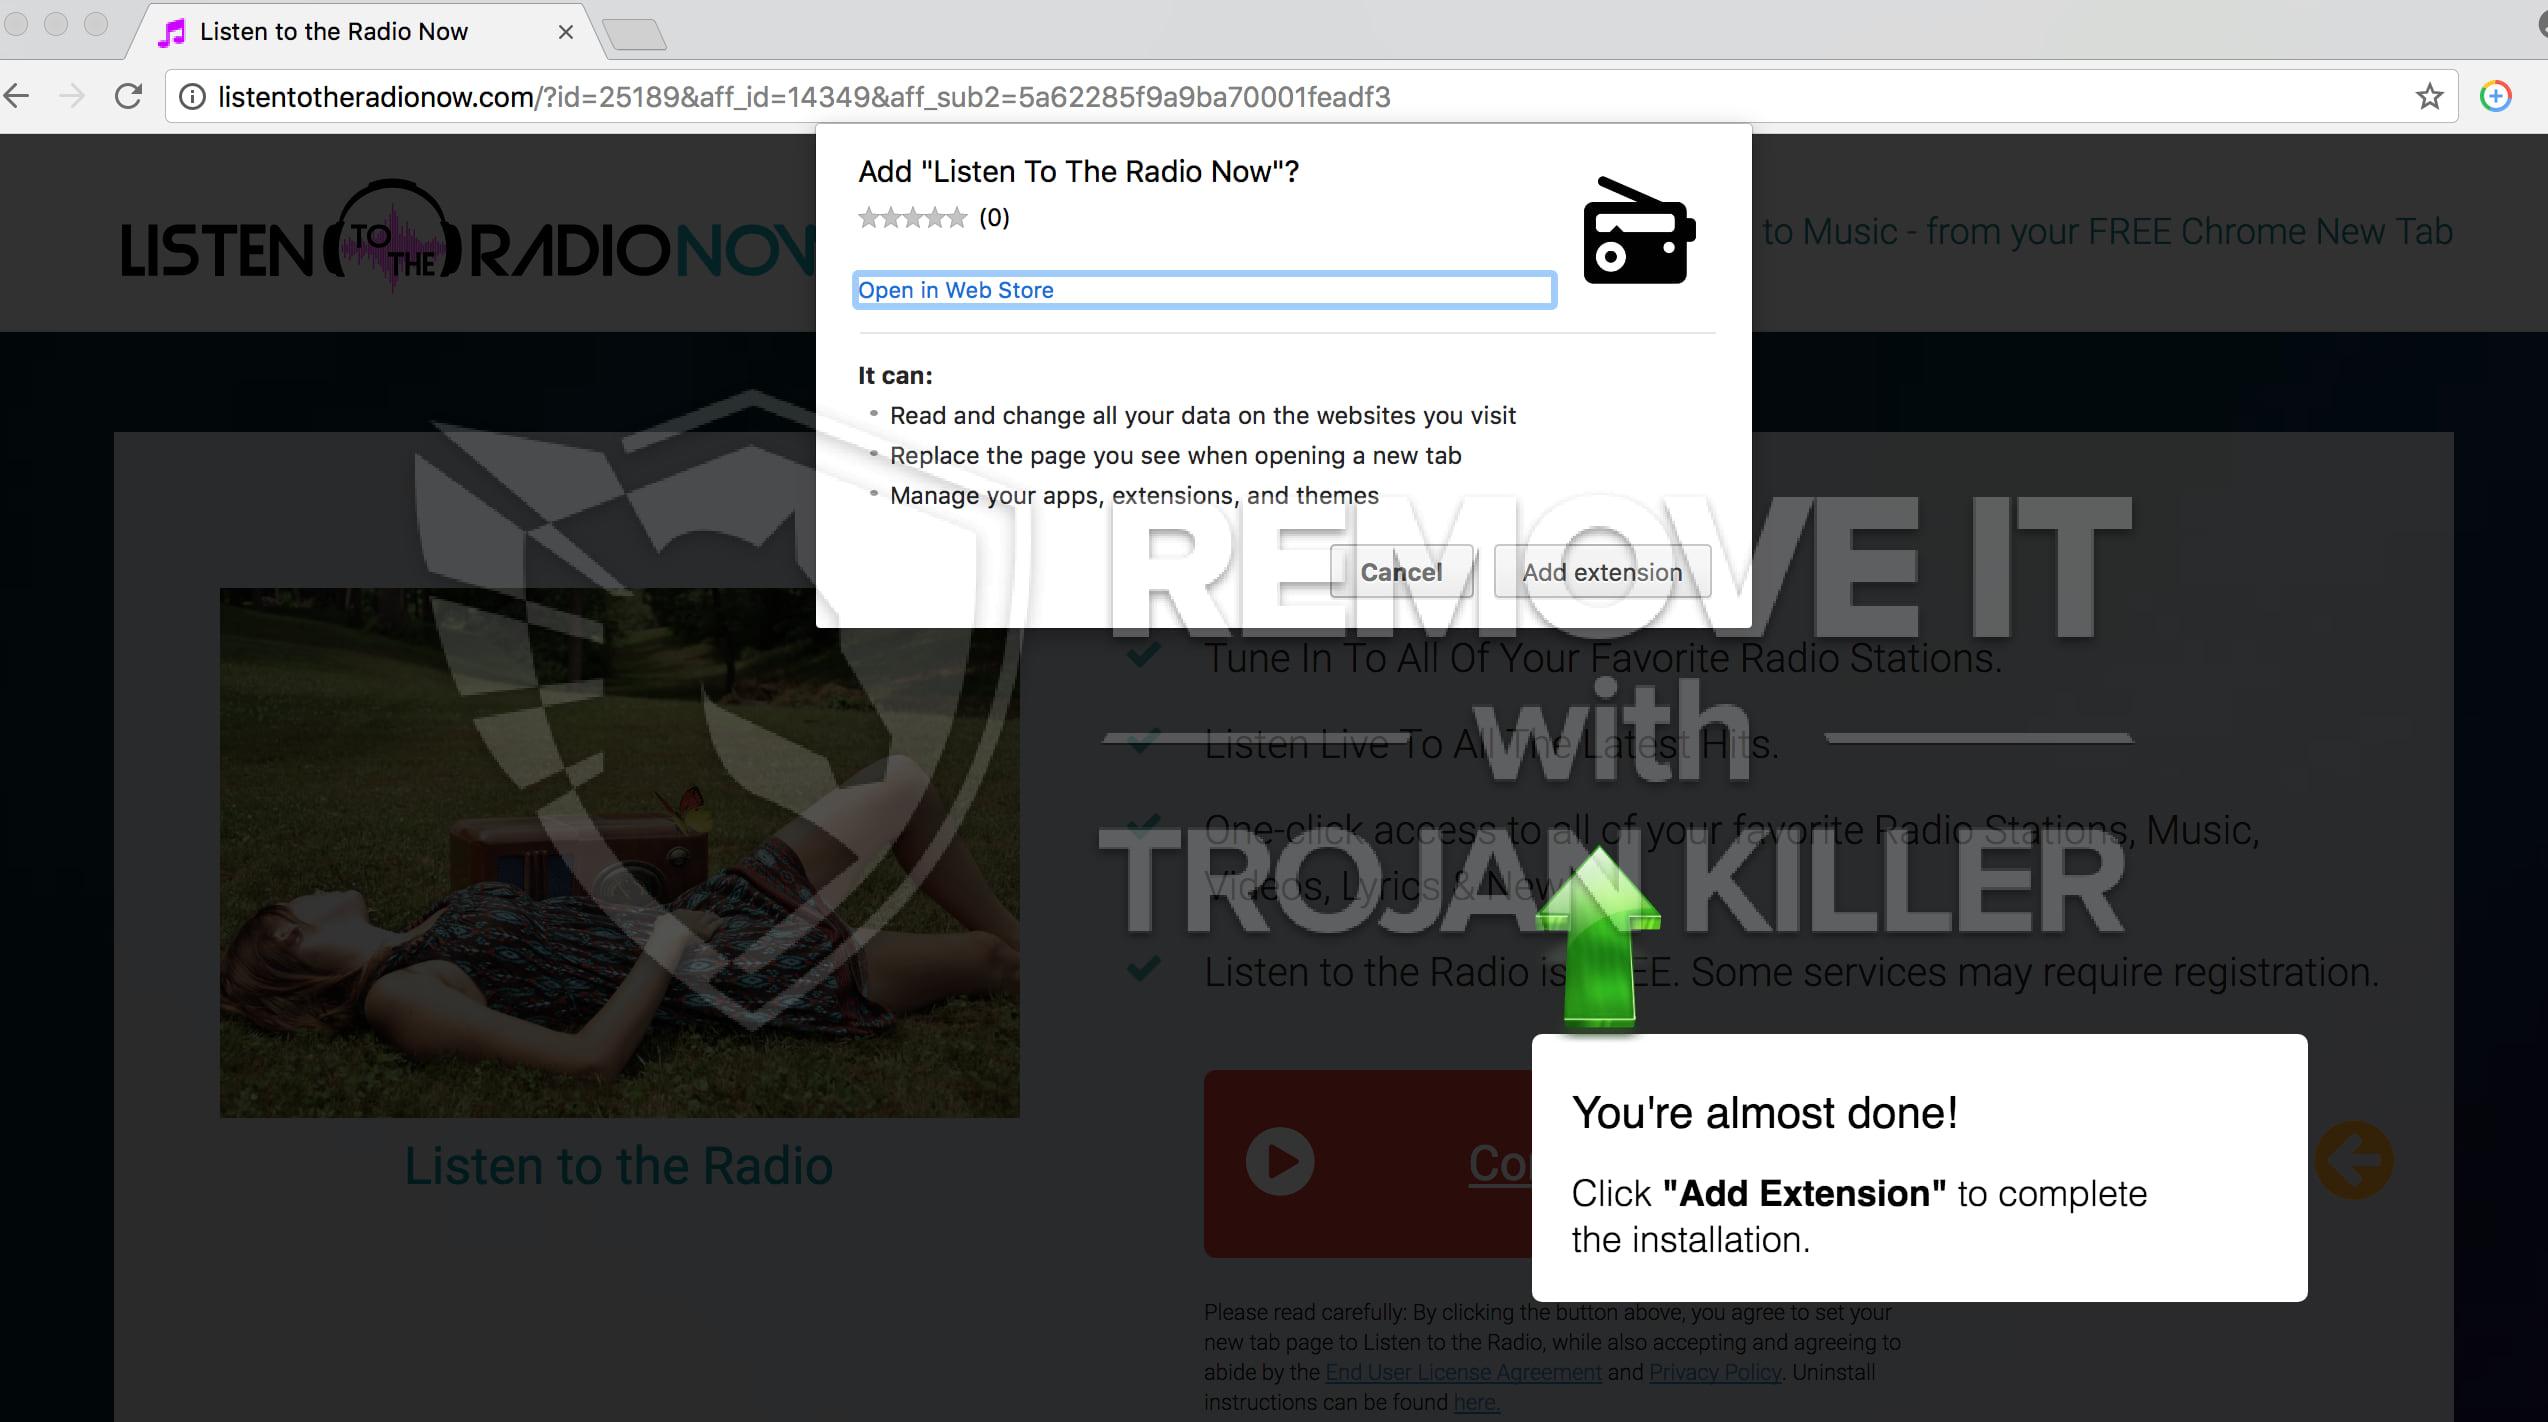 Listentotheradionow.com virus